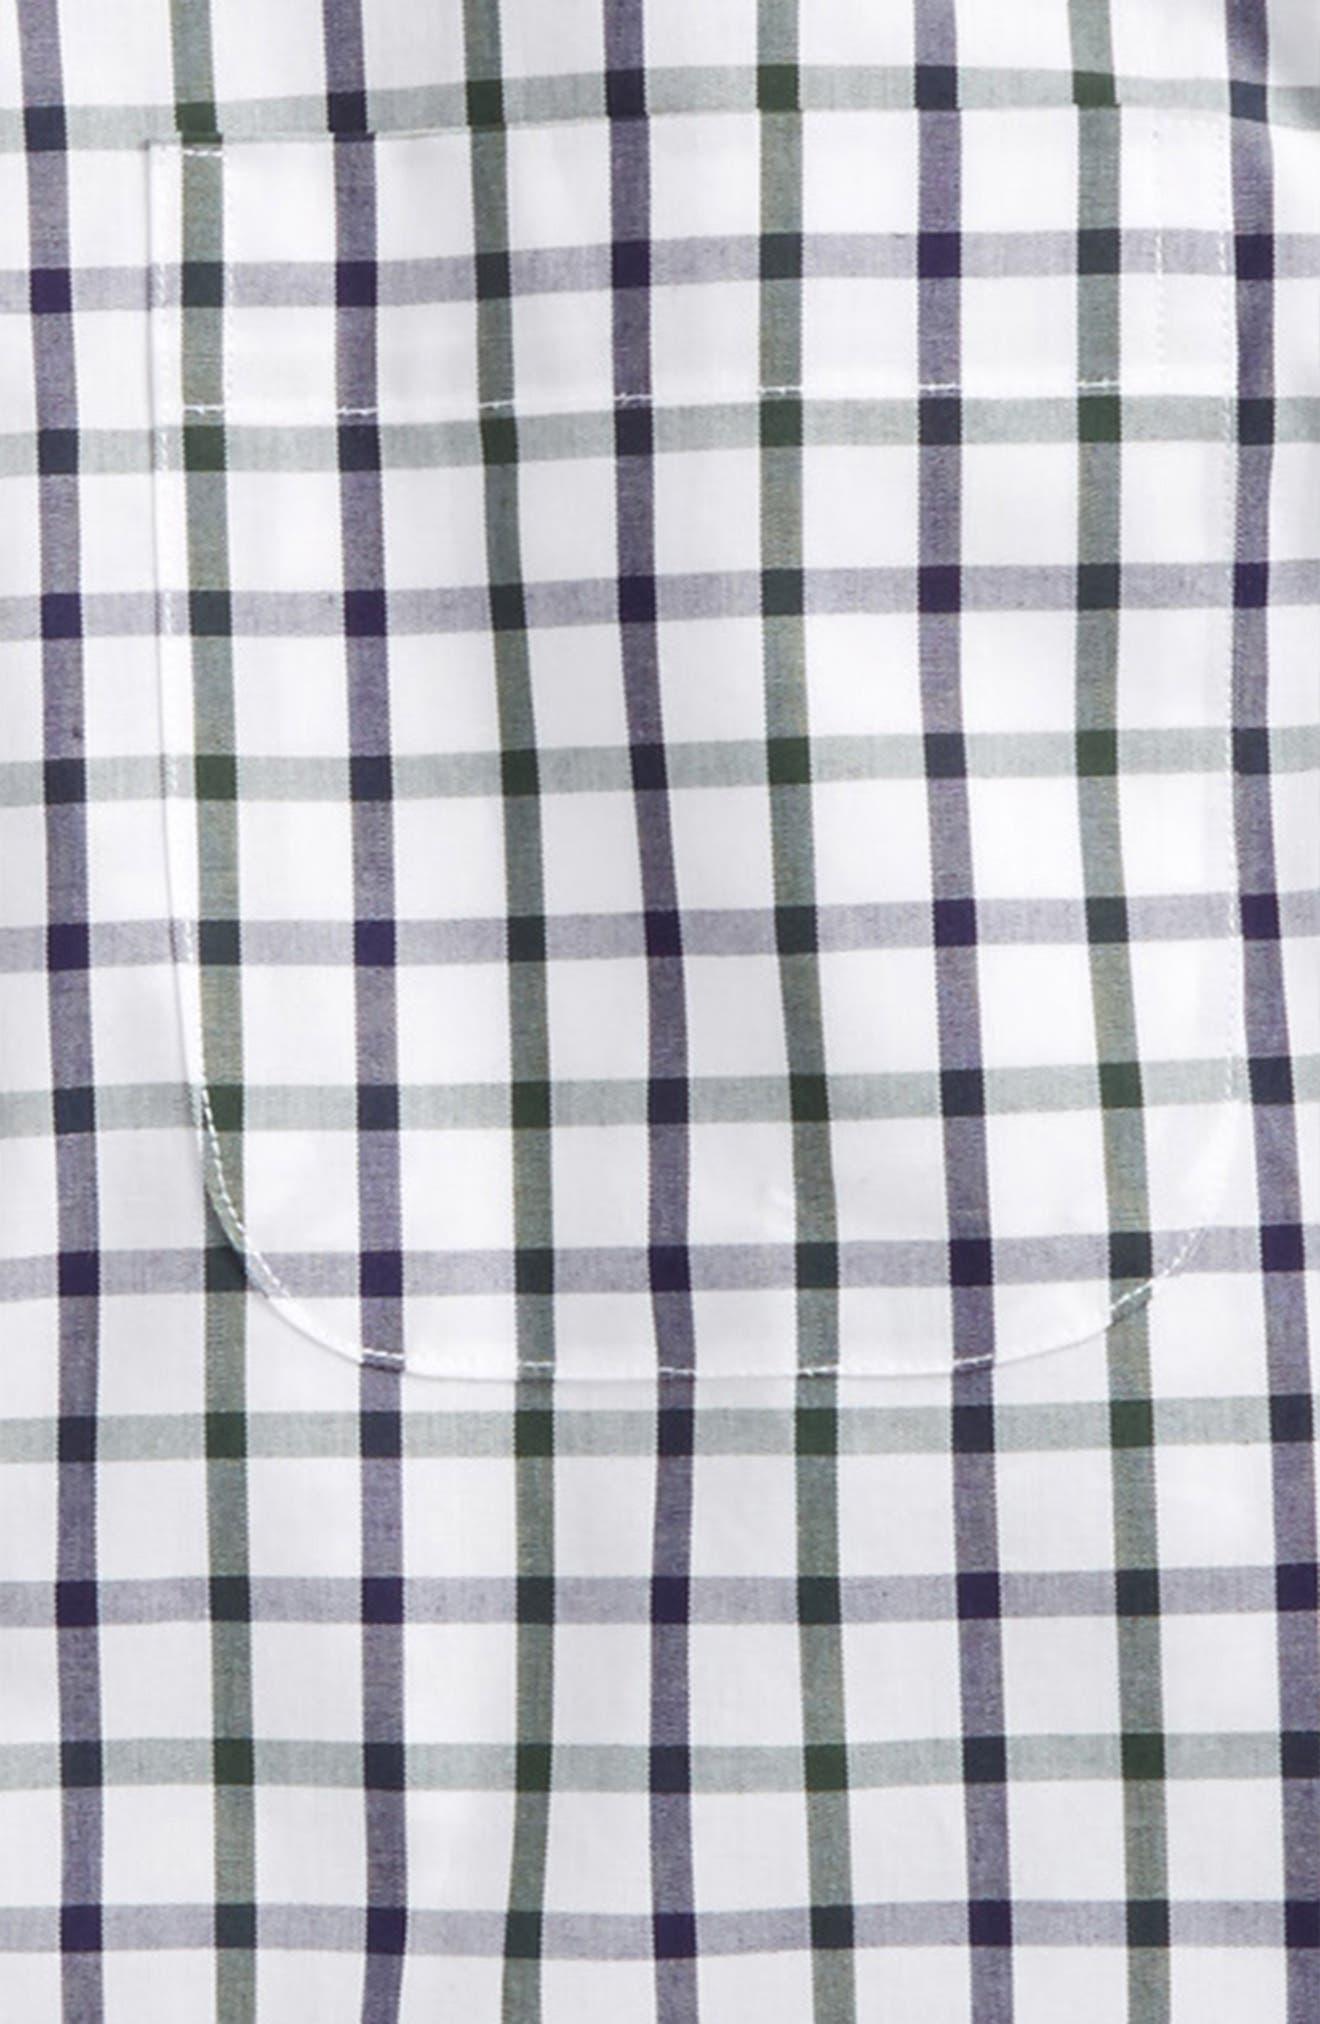 Alternate Image 2  - Nordstrom Windowpane Plaid Dress Shirt (Toddler Boys & Little Boys)